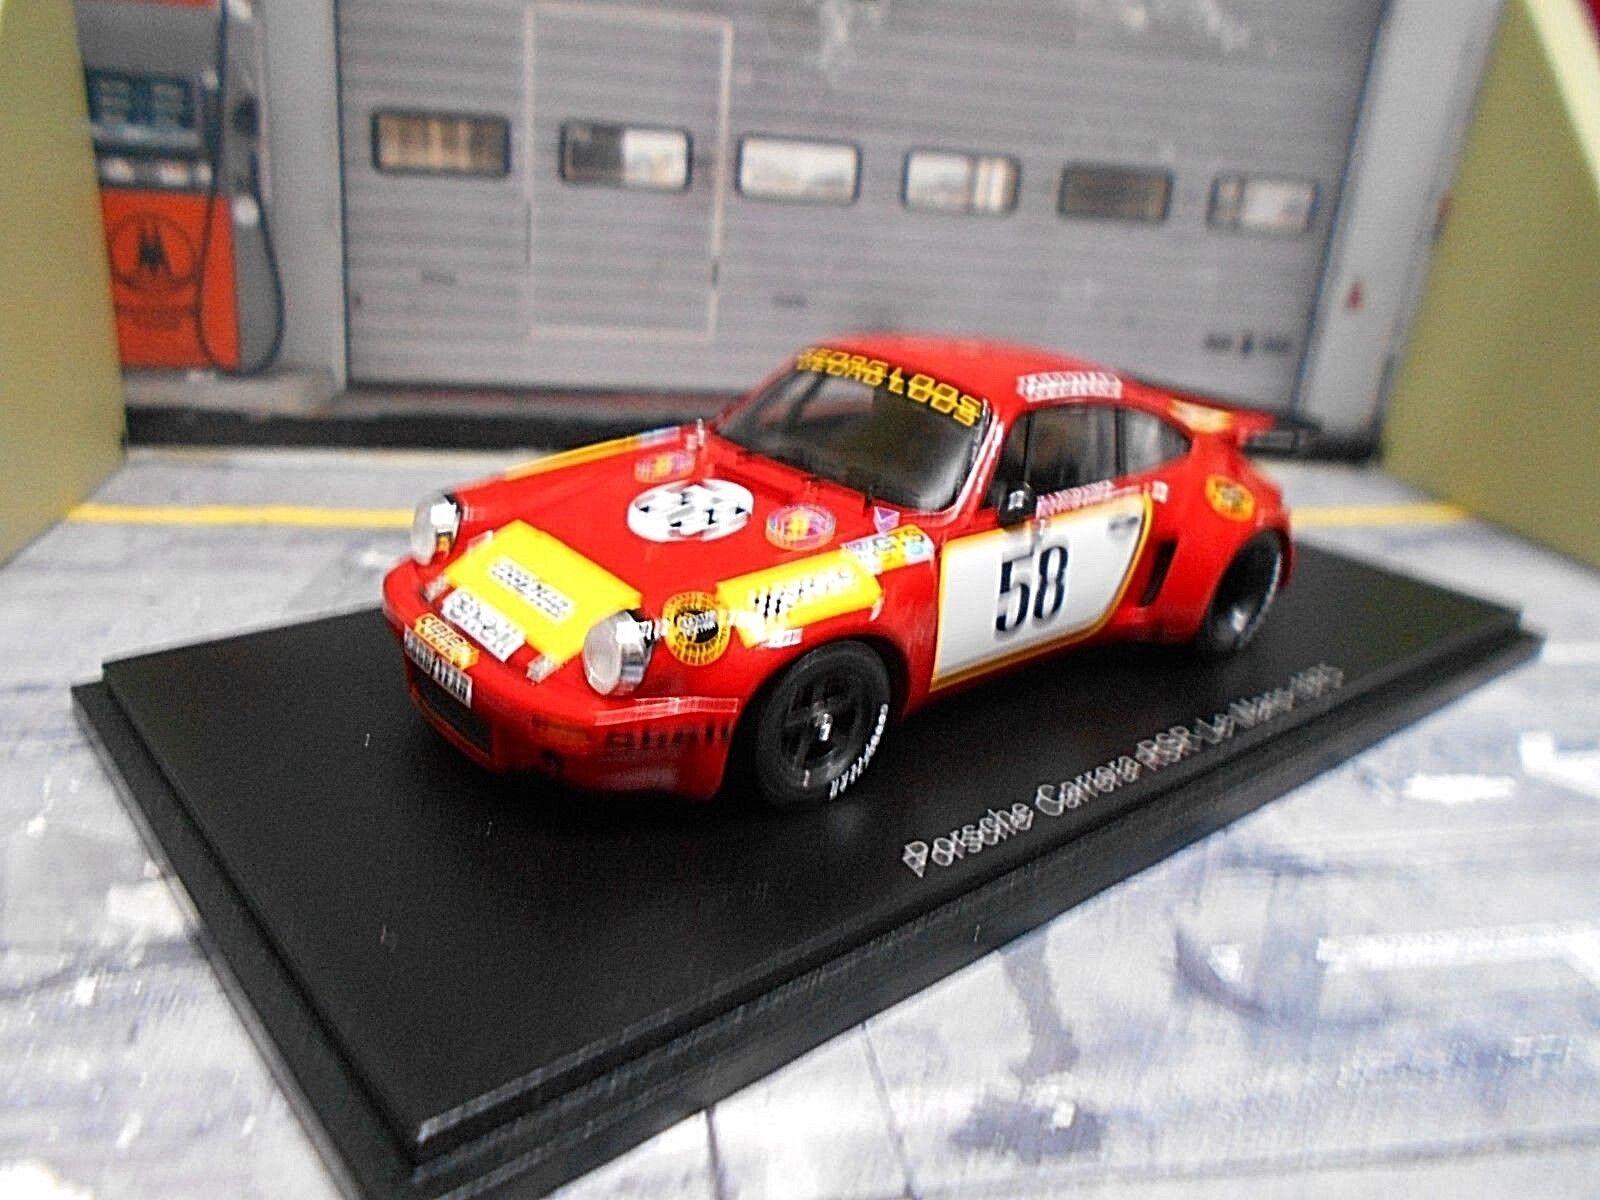 PORSCHE 911 Carrera RSR 3.0 Le Mans 1975 cancellata Loos  58 SCHURTI fitzpa SPARK 1 43